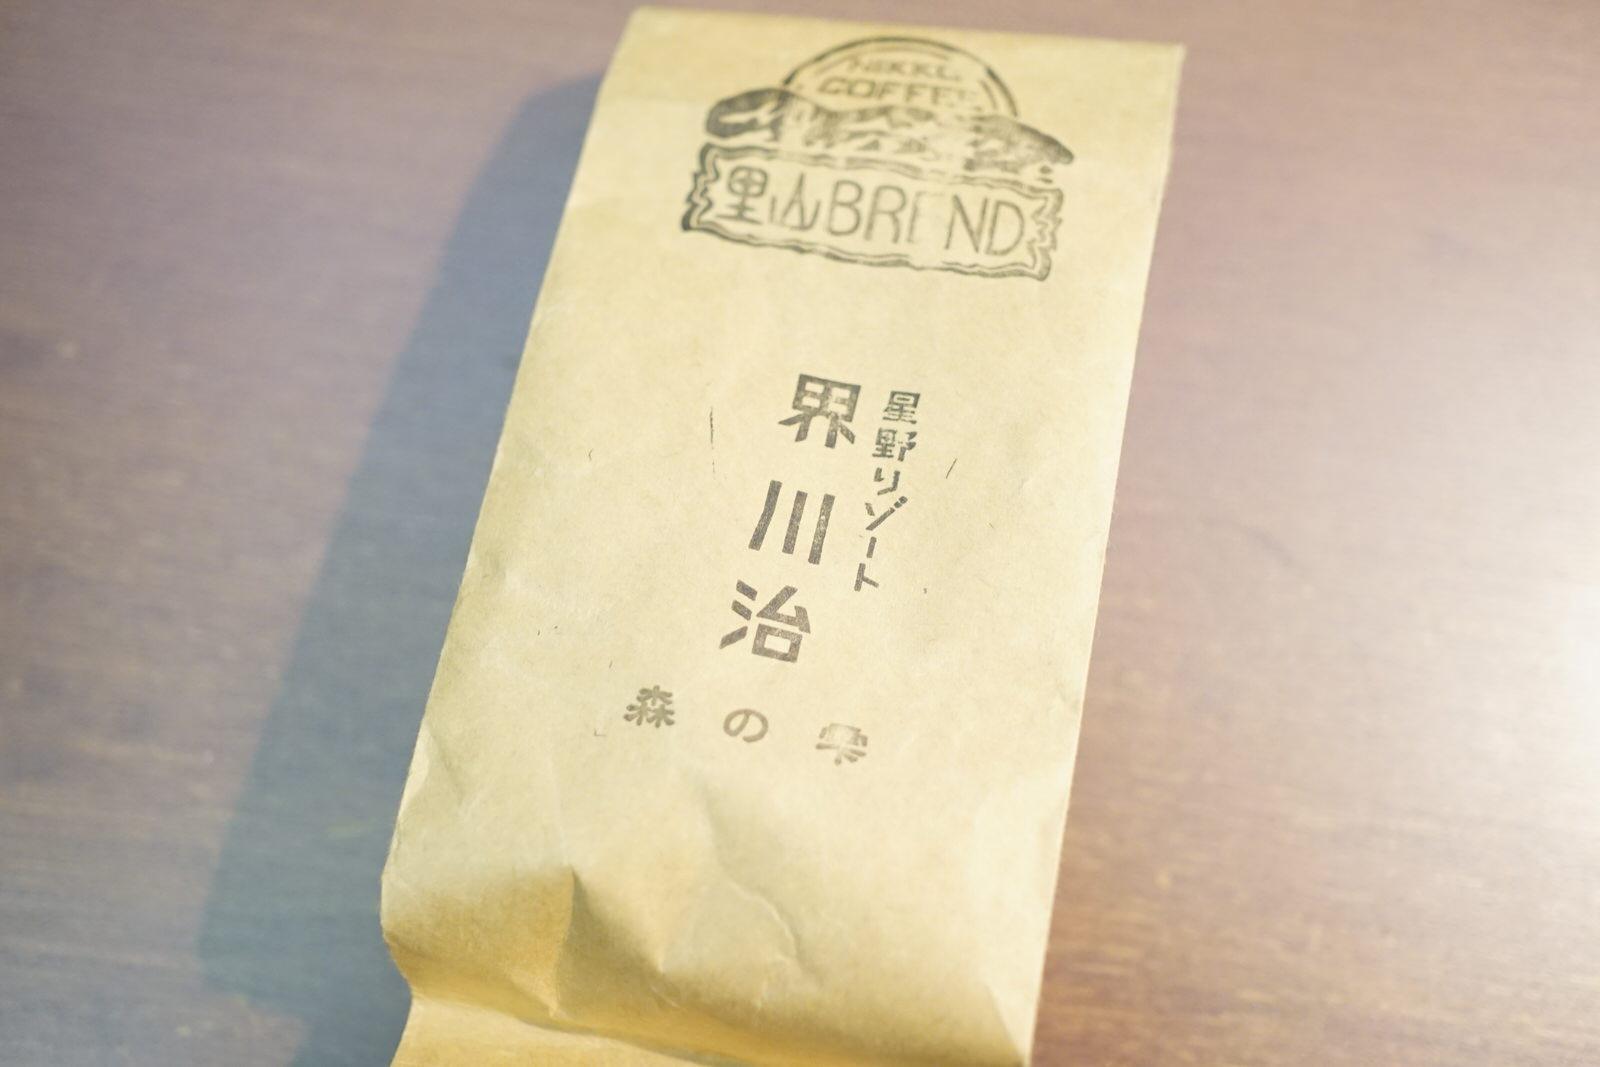 コーヒー豆 森の雫